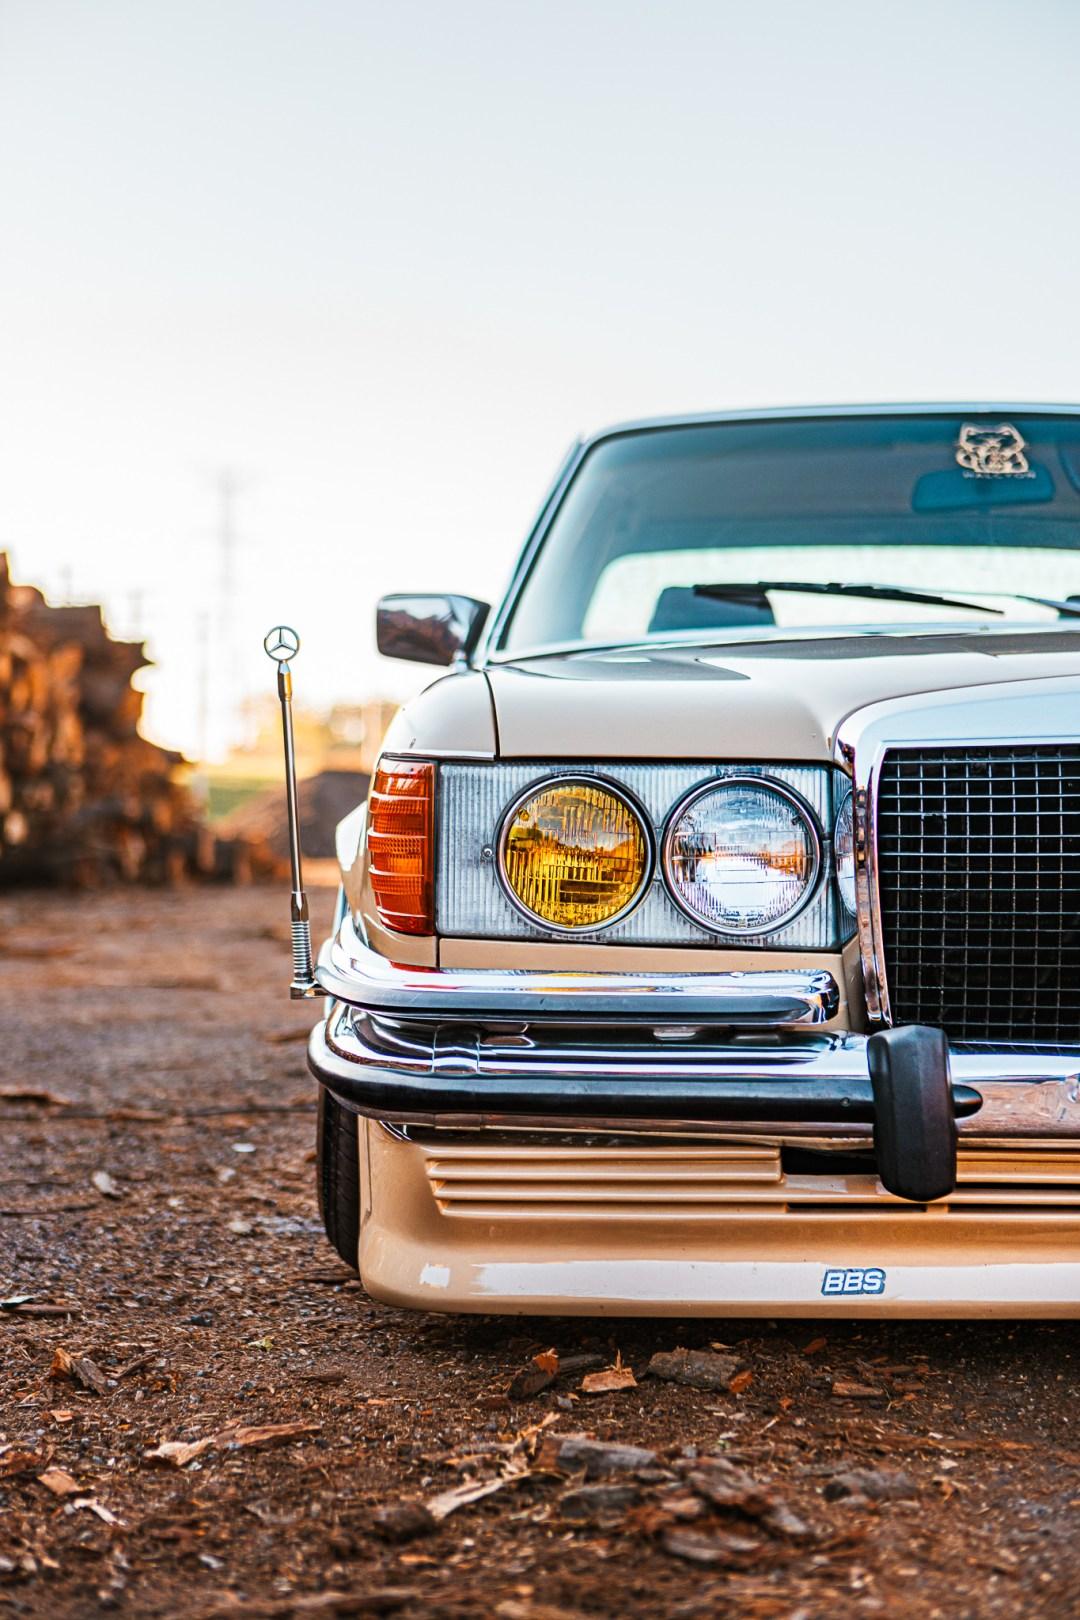 70s Benz